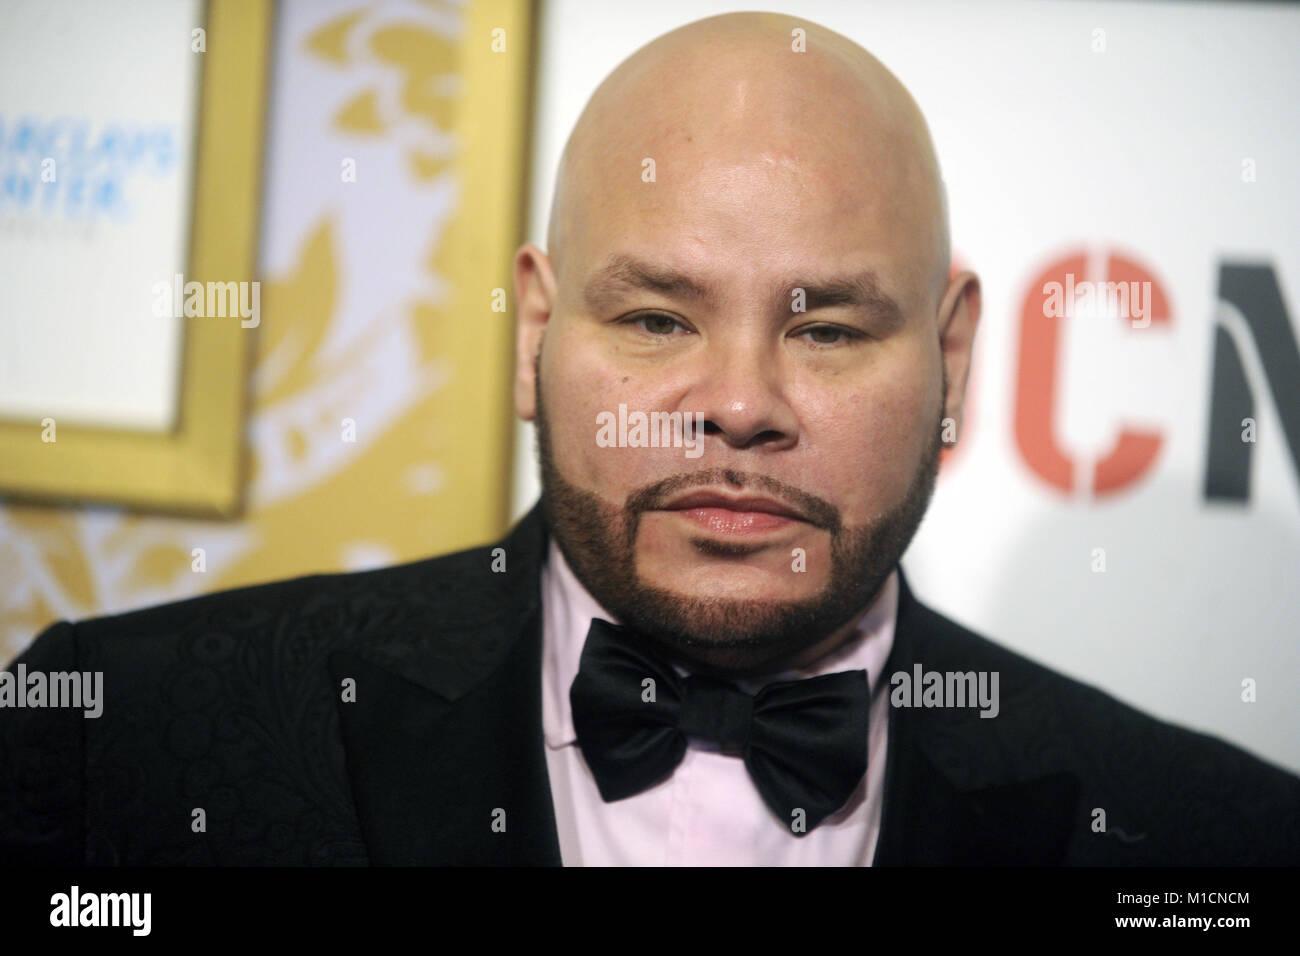 Joe 2018 fat Fat Joe's